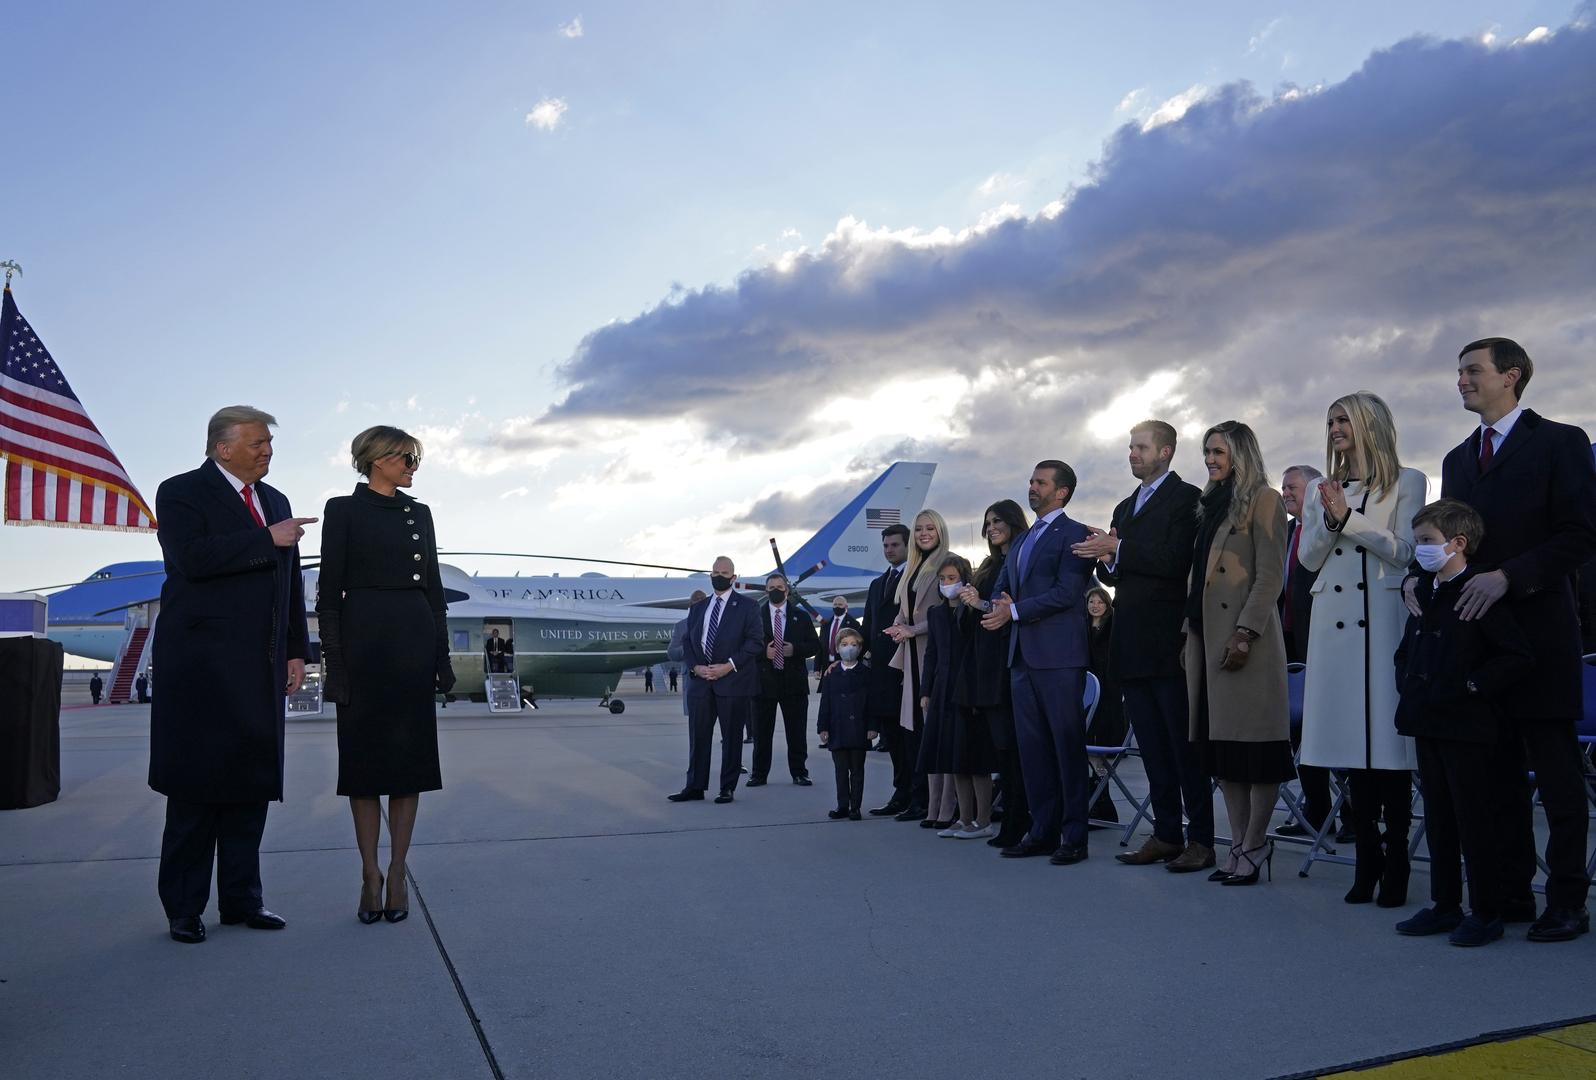 الرئيس الأمريكي السابق دوتنالد ترامب وأفراد عائلته